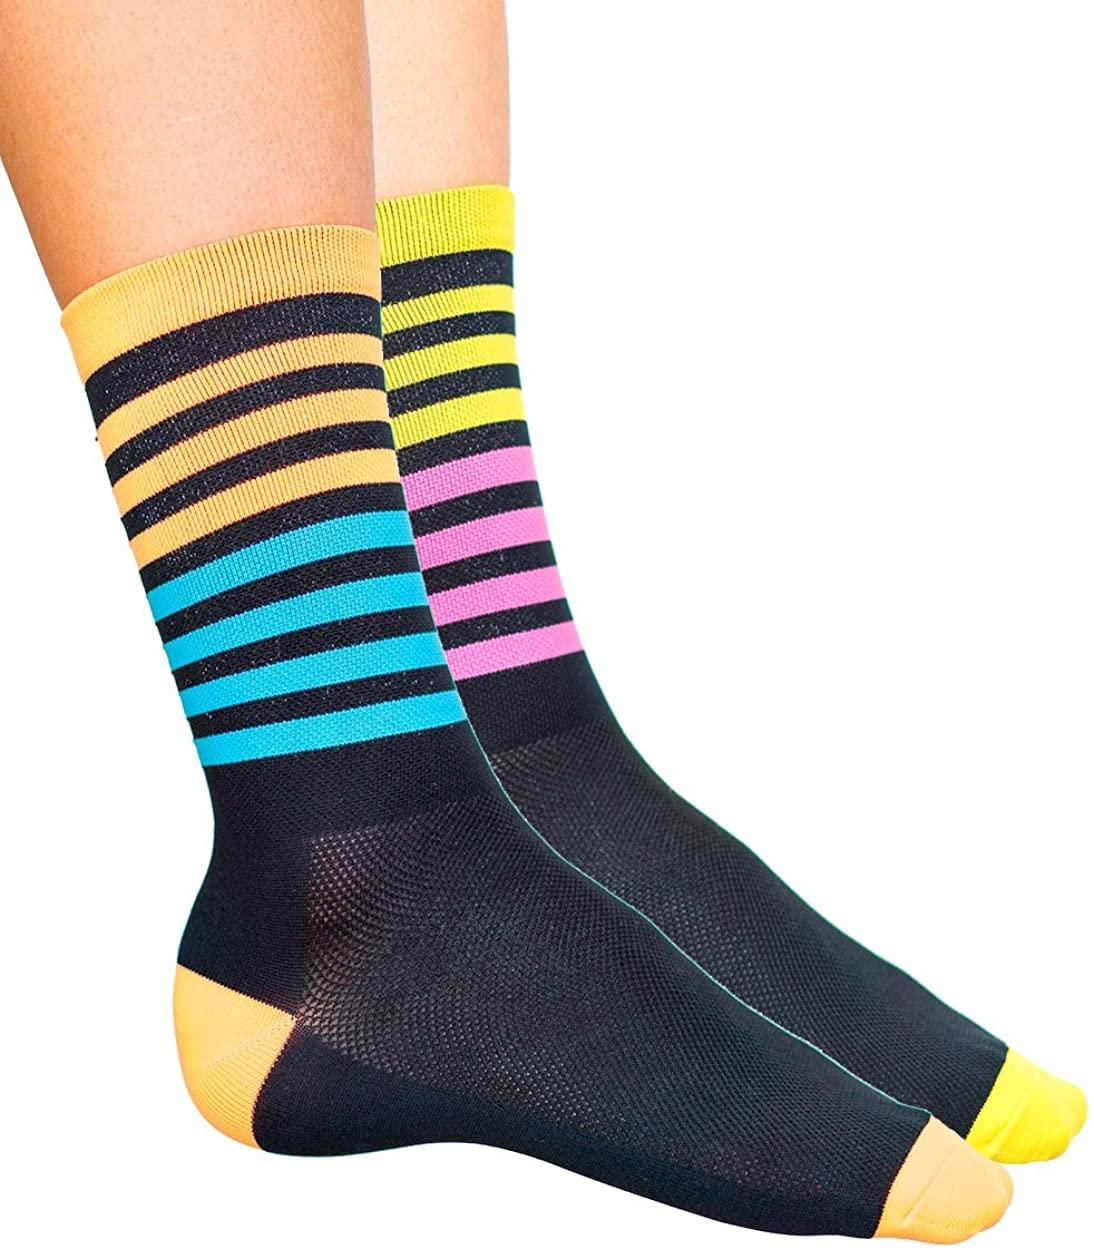 Cosmic Socks 6